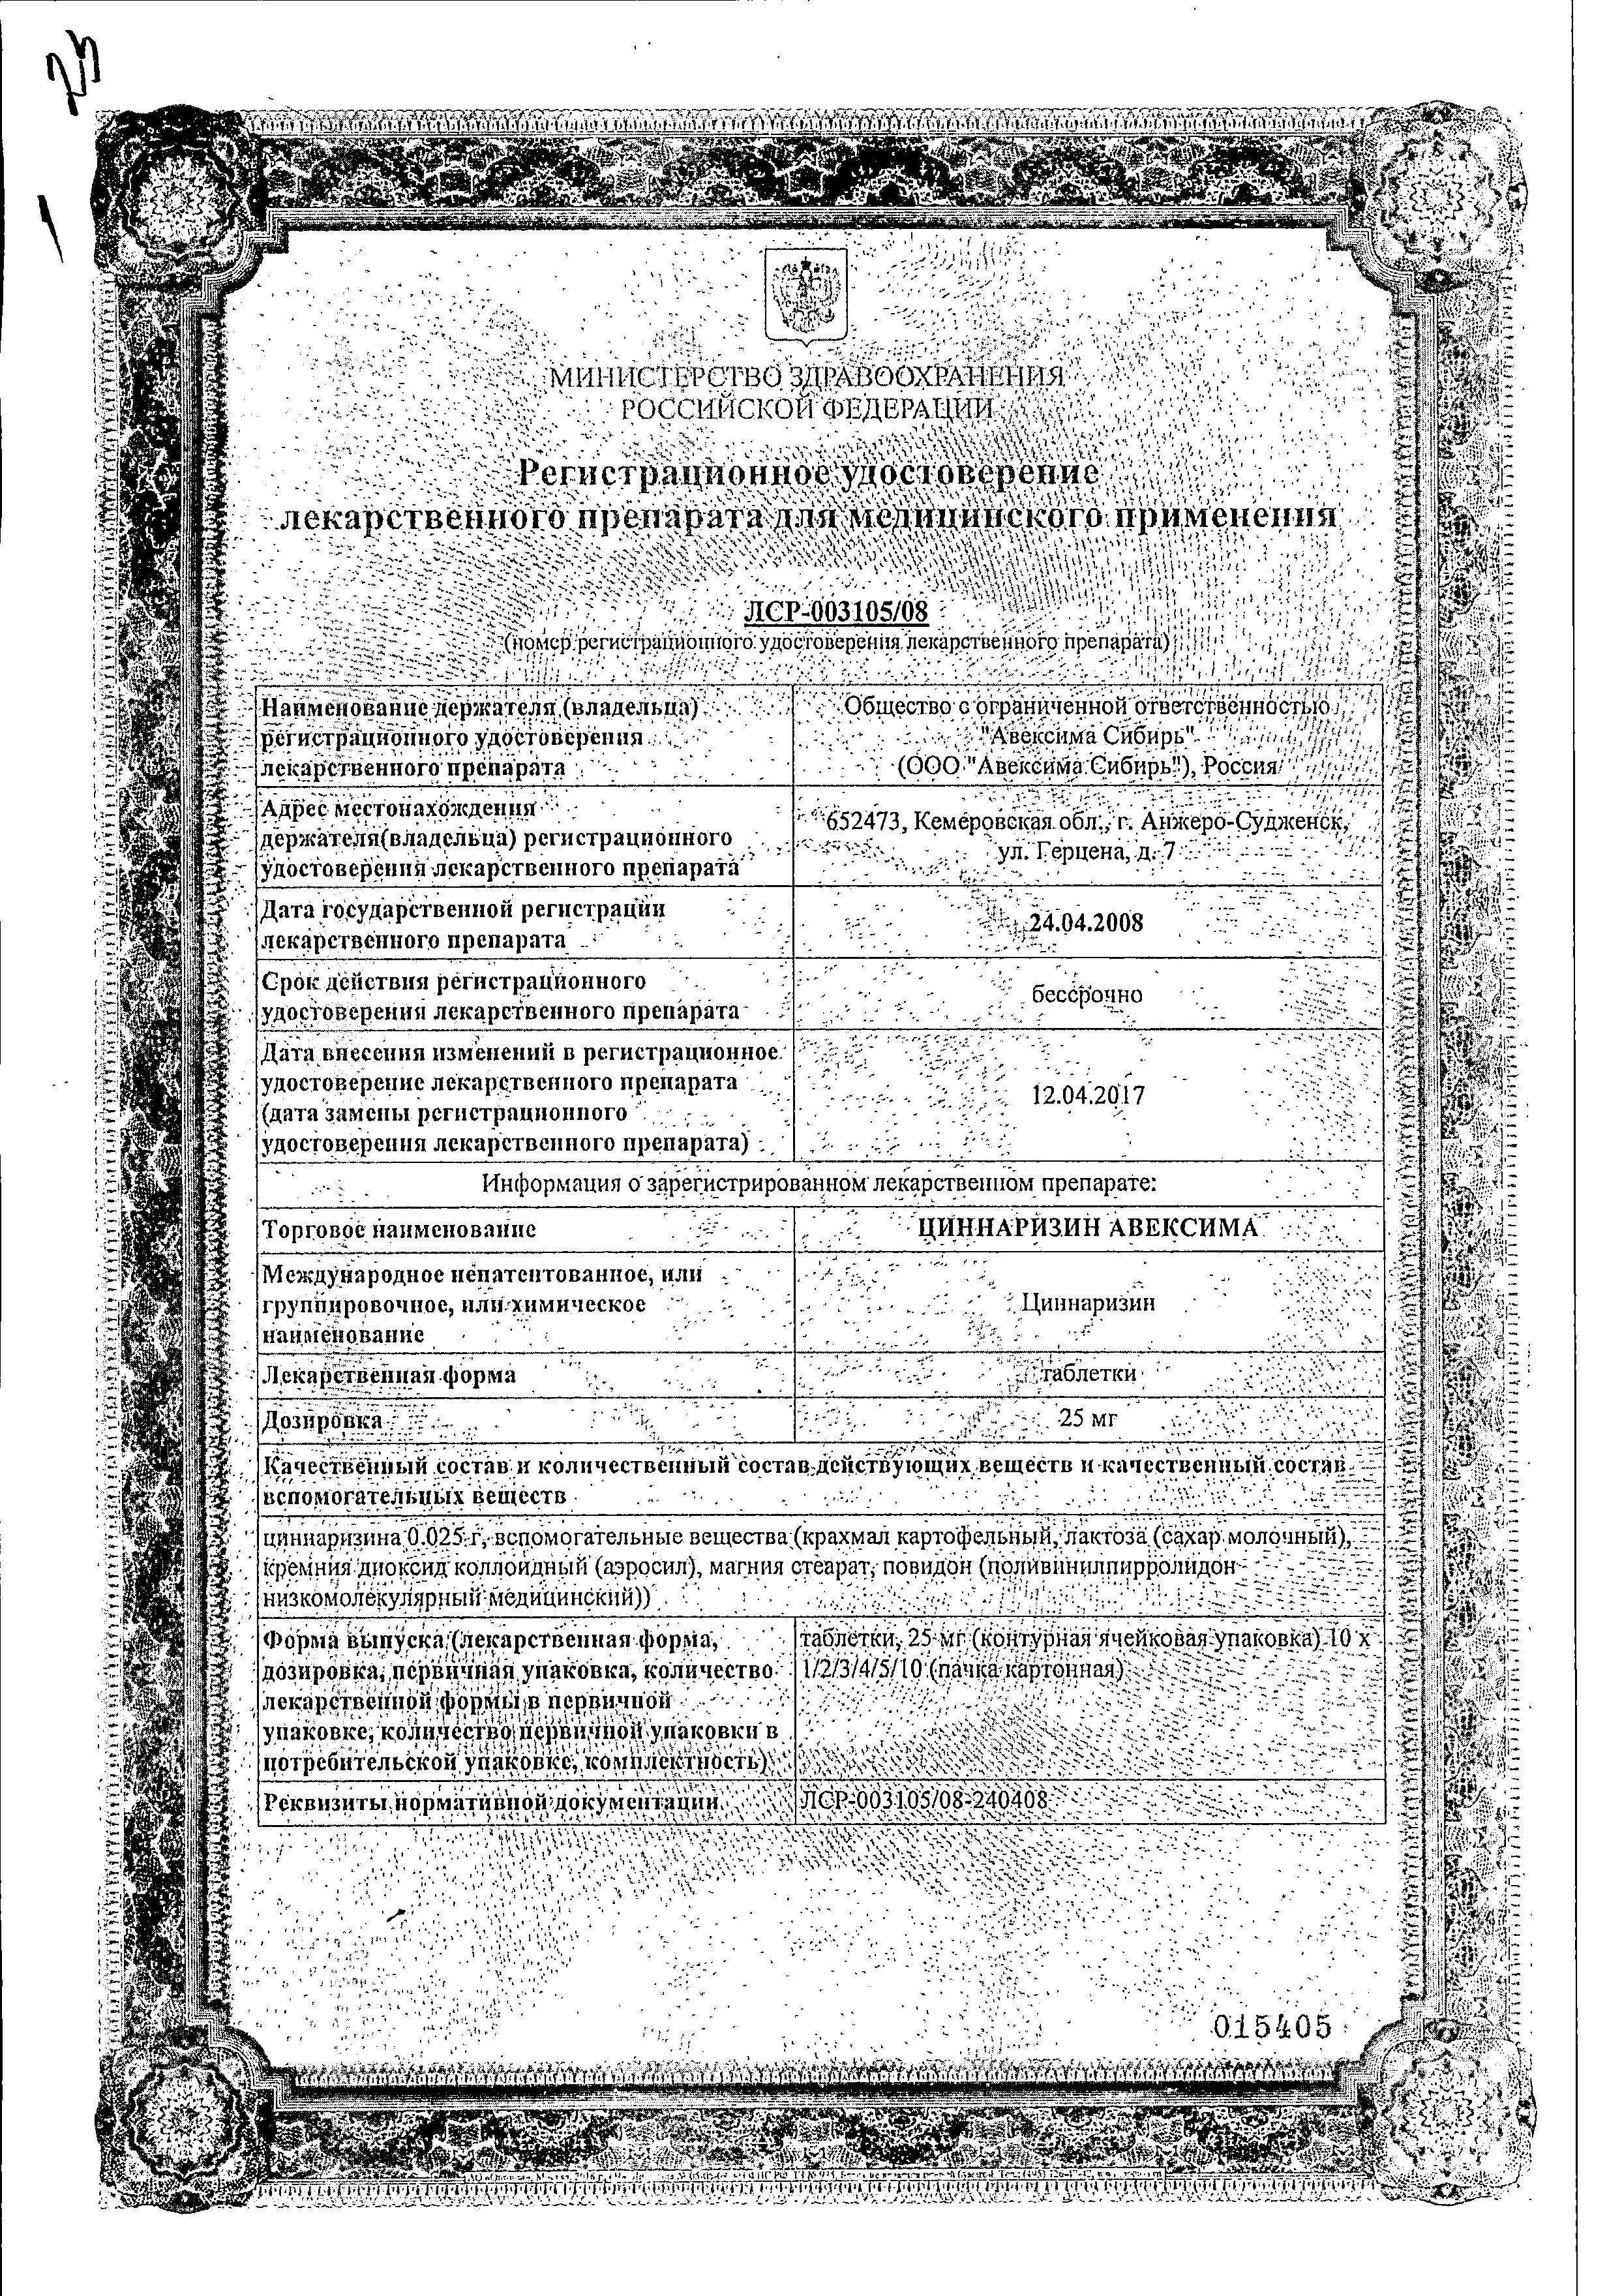 Циннаризин Авексима сертификат